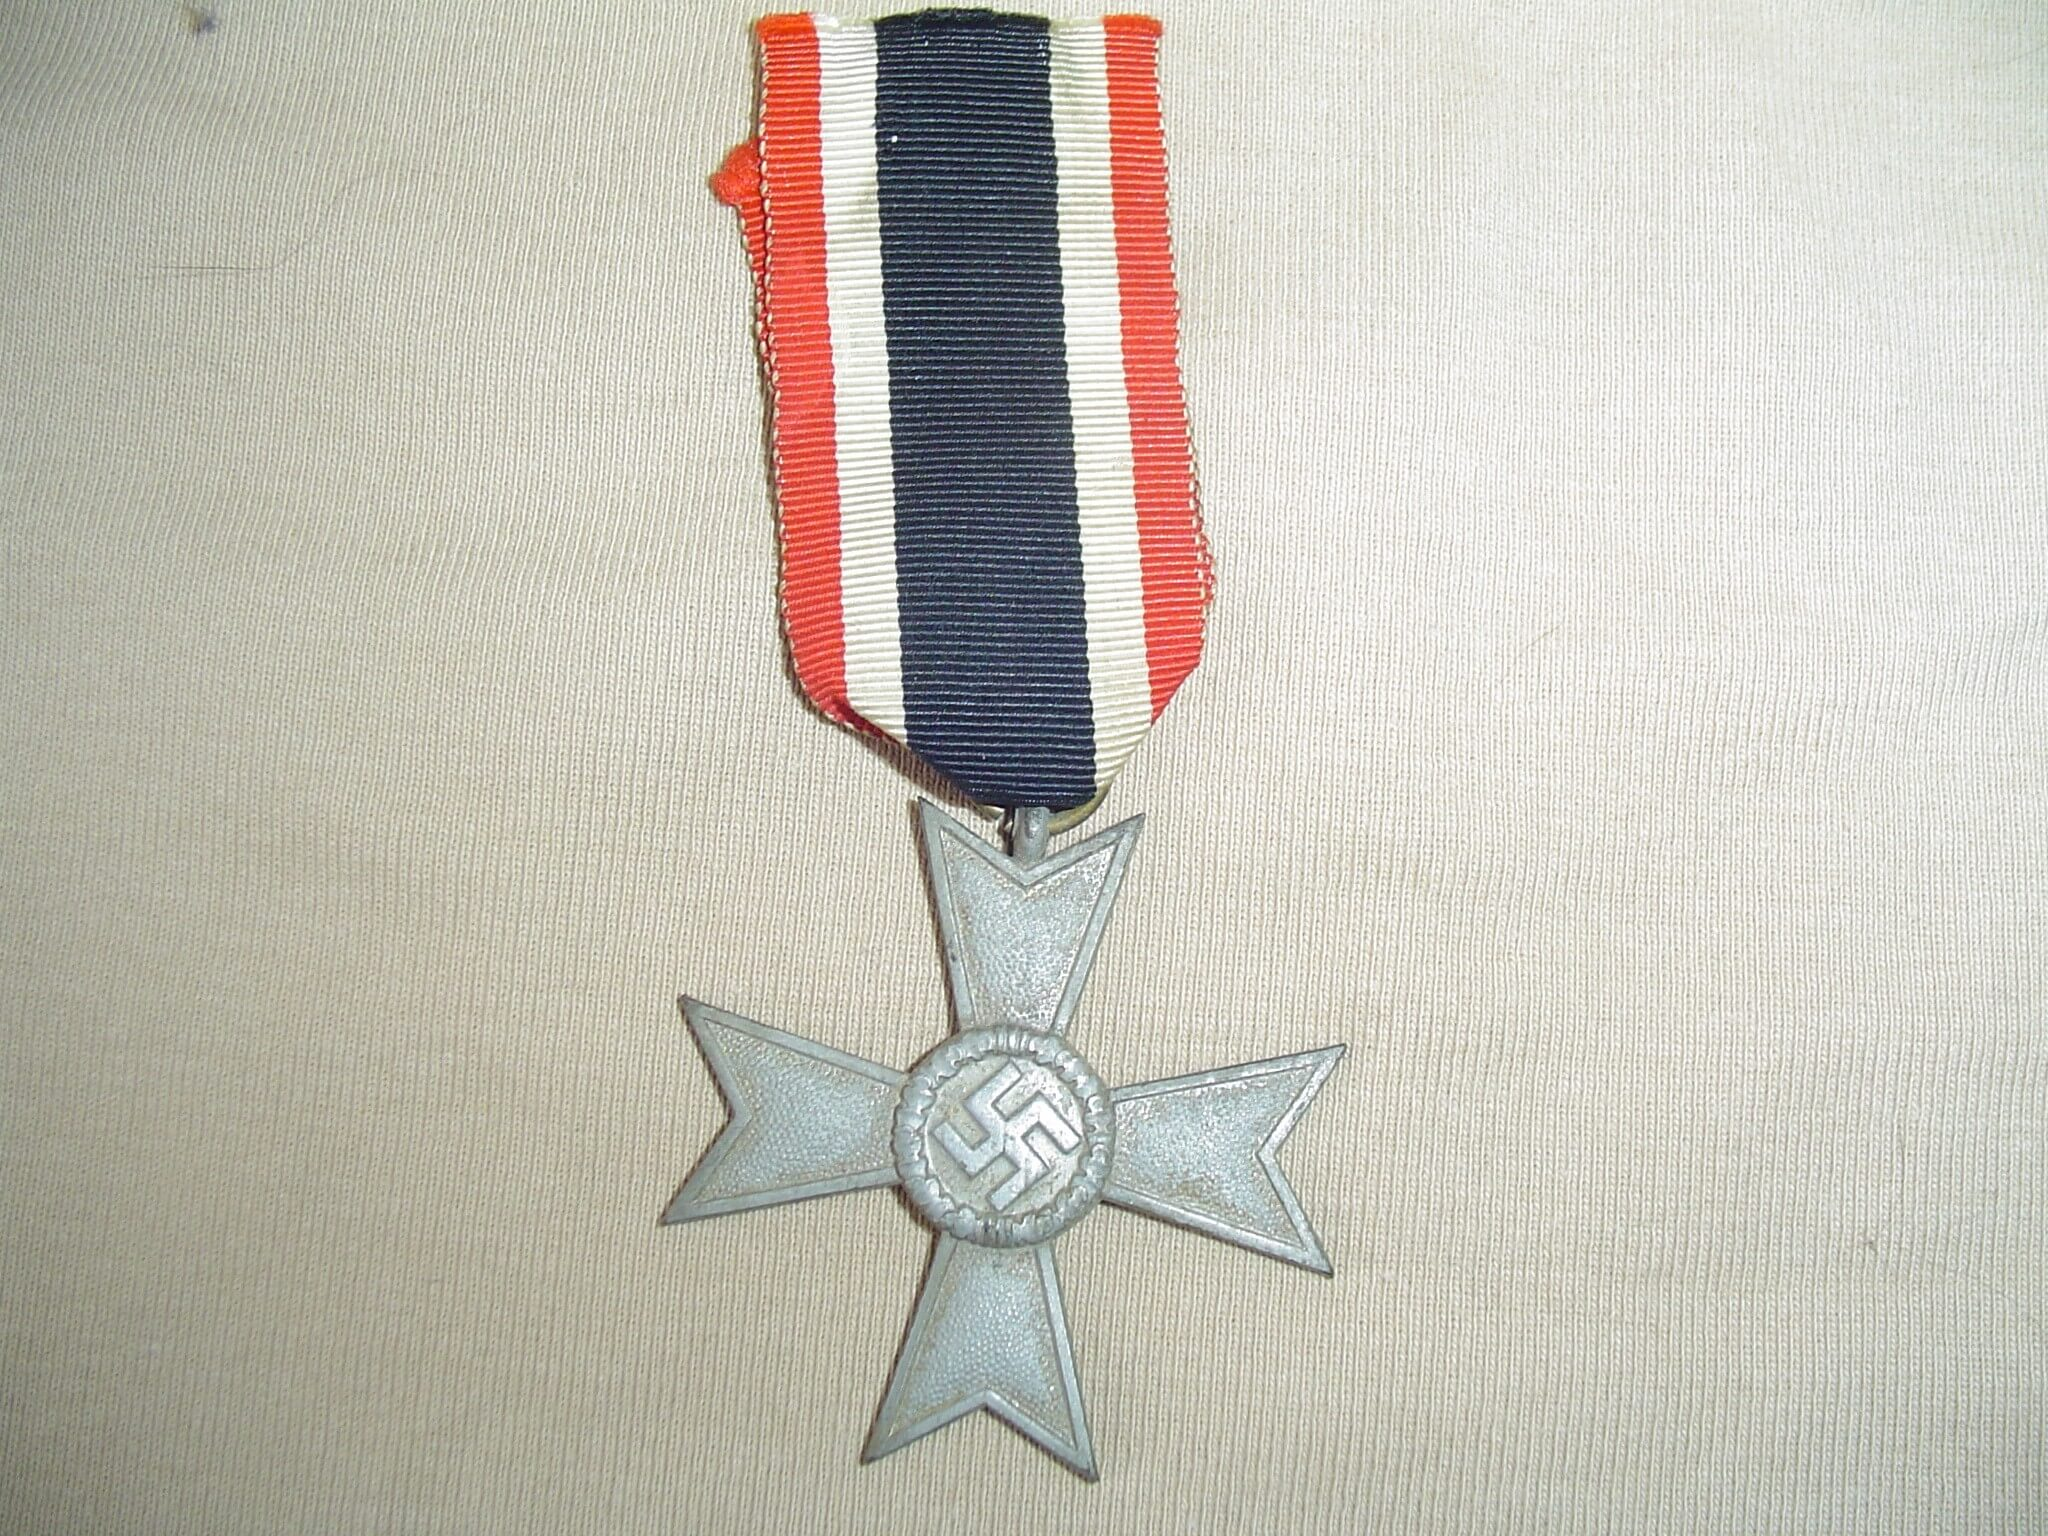 Erenkruis 1939 Duitse onderscheiding uit de tweede wereldoorlog Ehrenkreuz